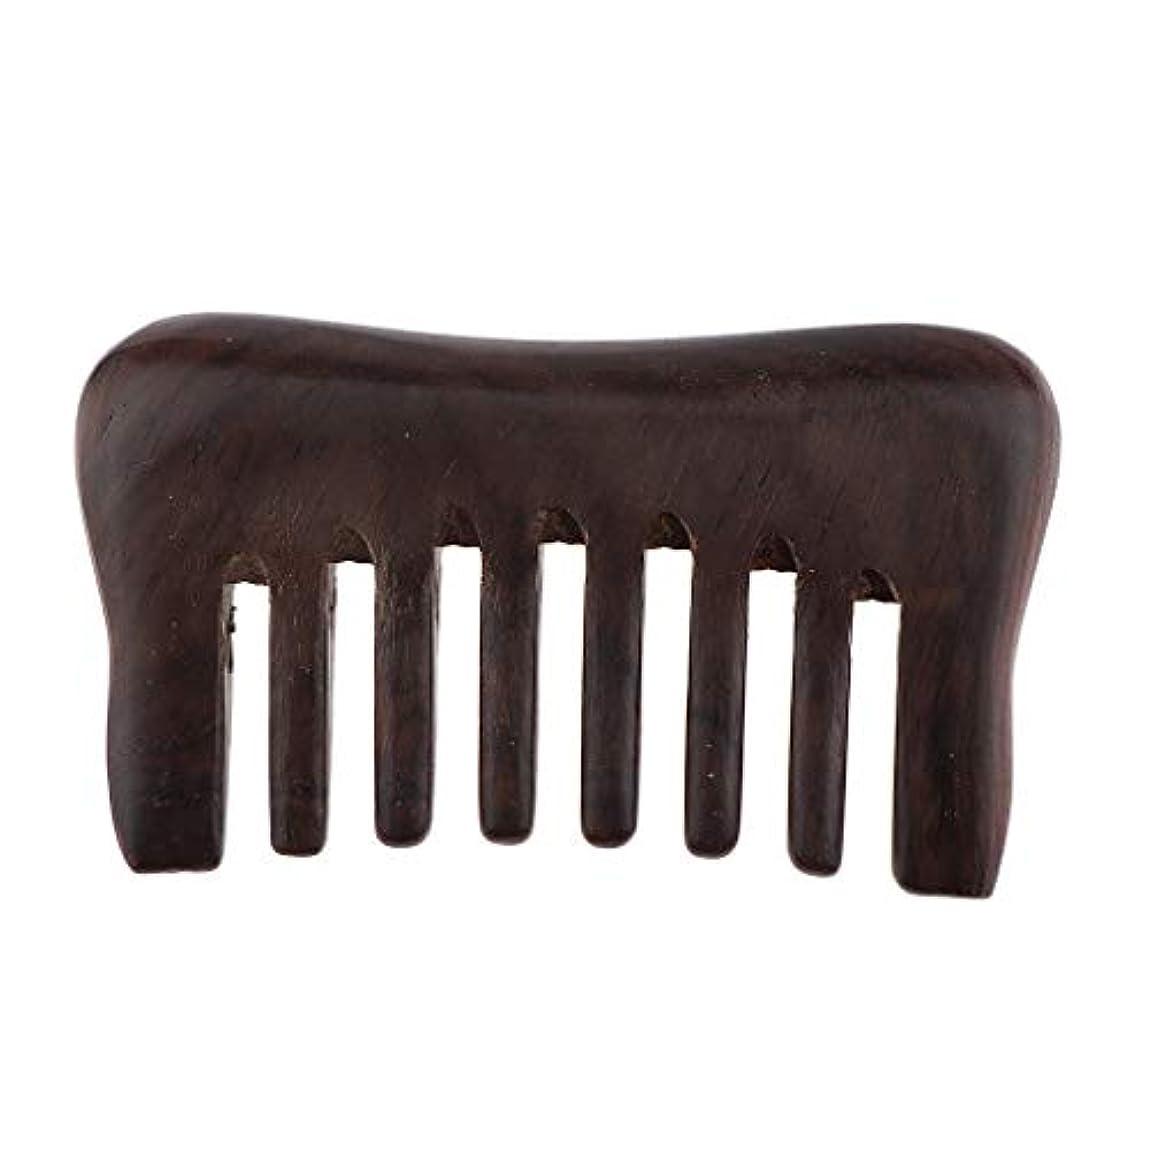 心臓究極のマイコンヘアコーム 木製櫛 頭皮マッサージ ヘアブラシ 3色選べ - 黒檀